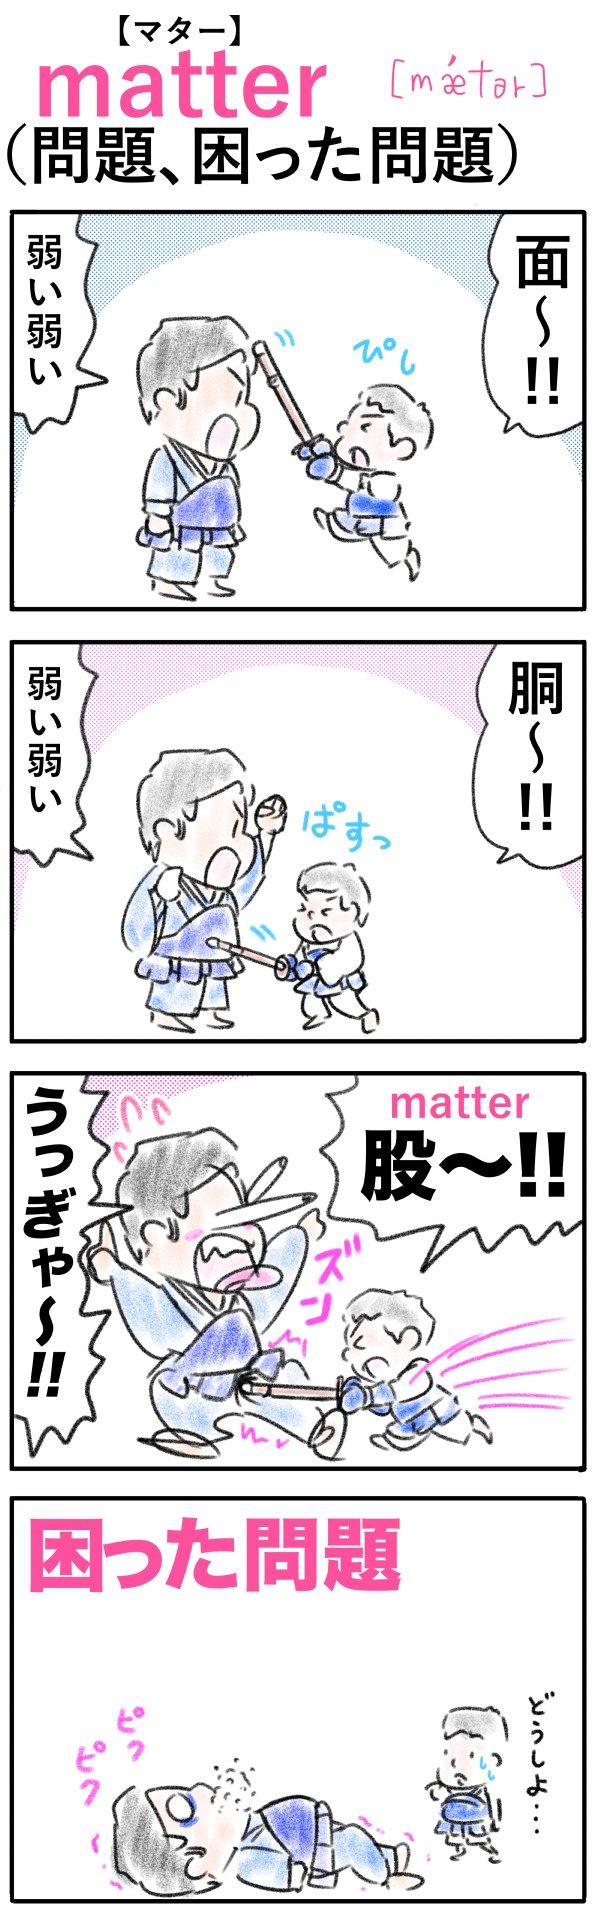 matter(問題、困った問題)